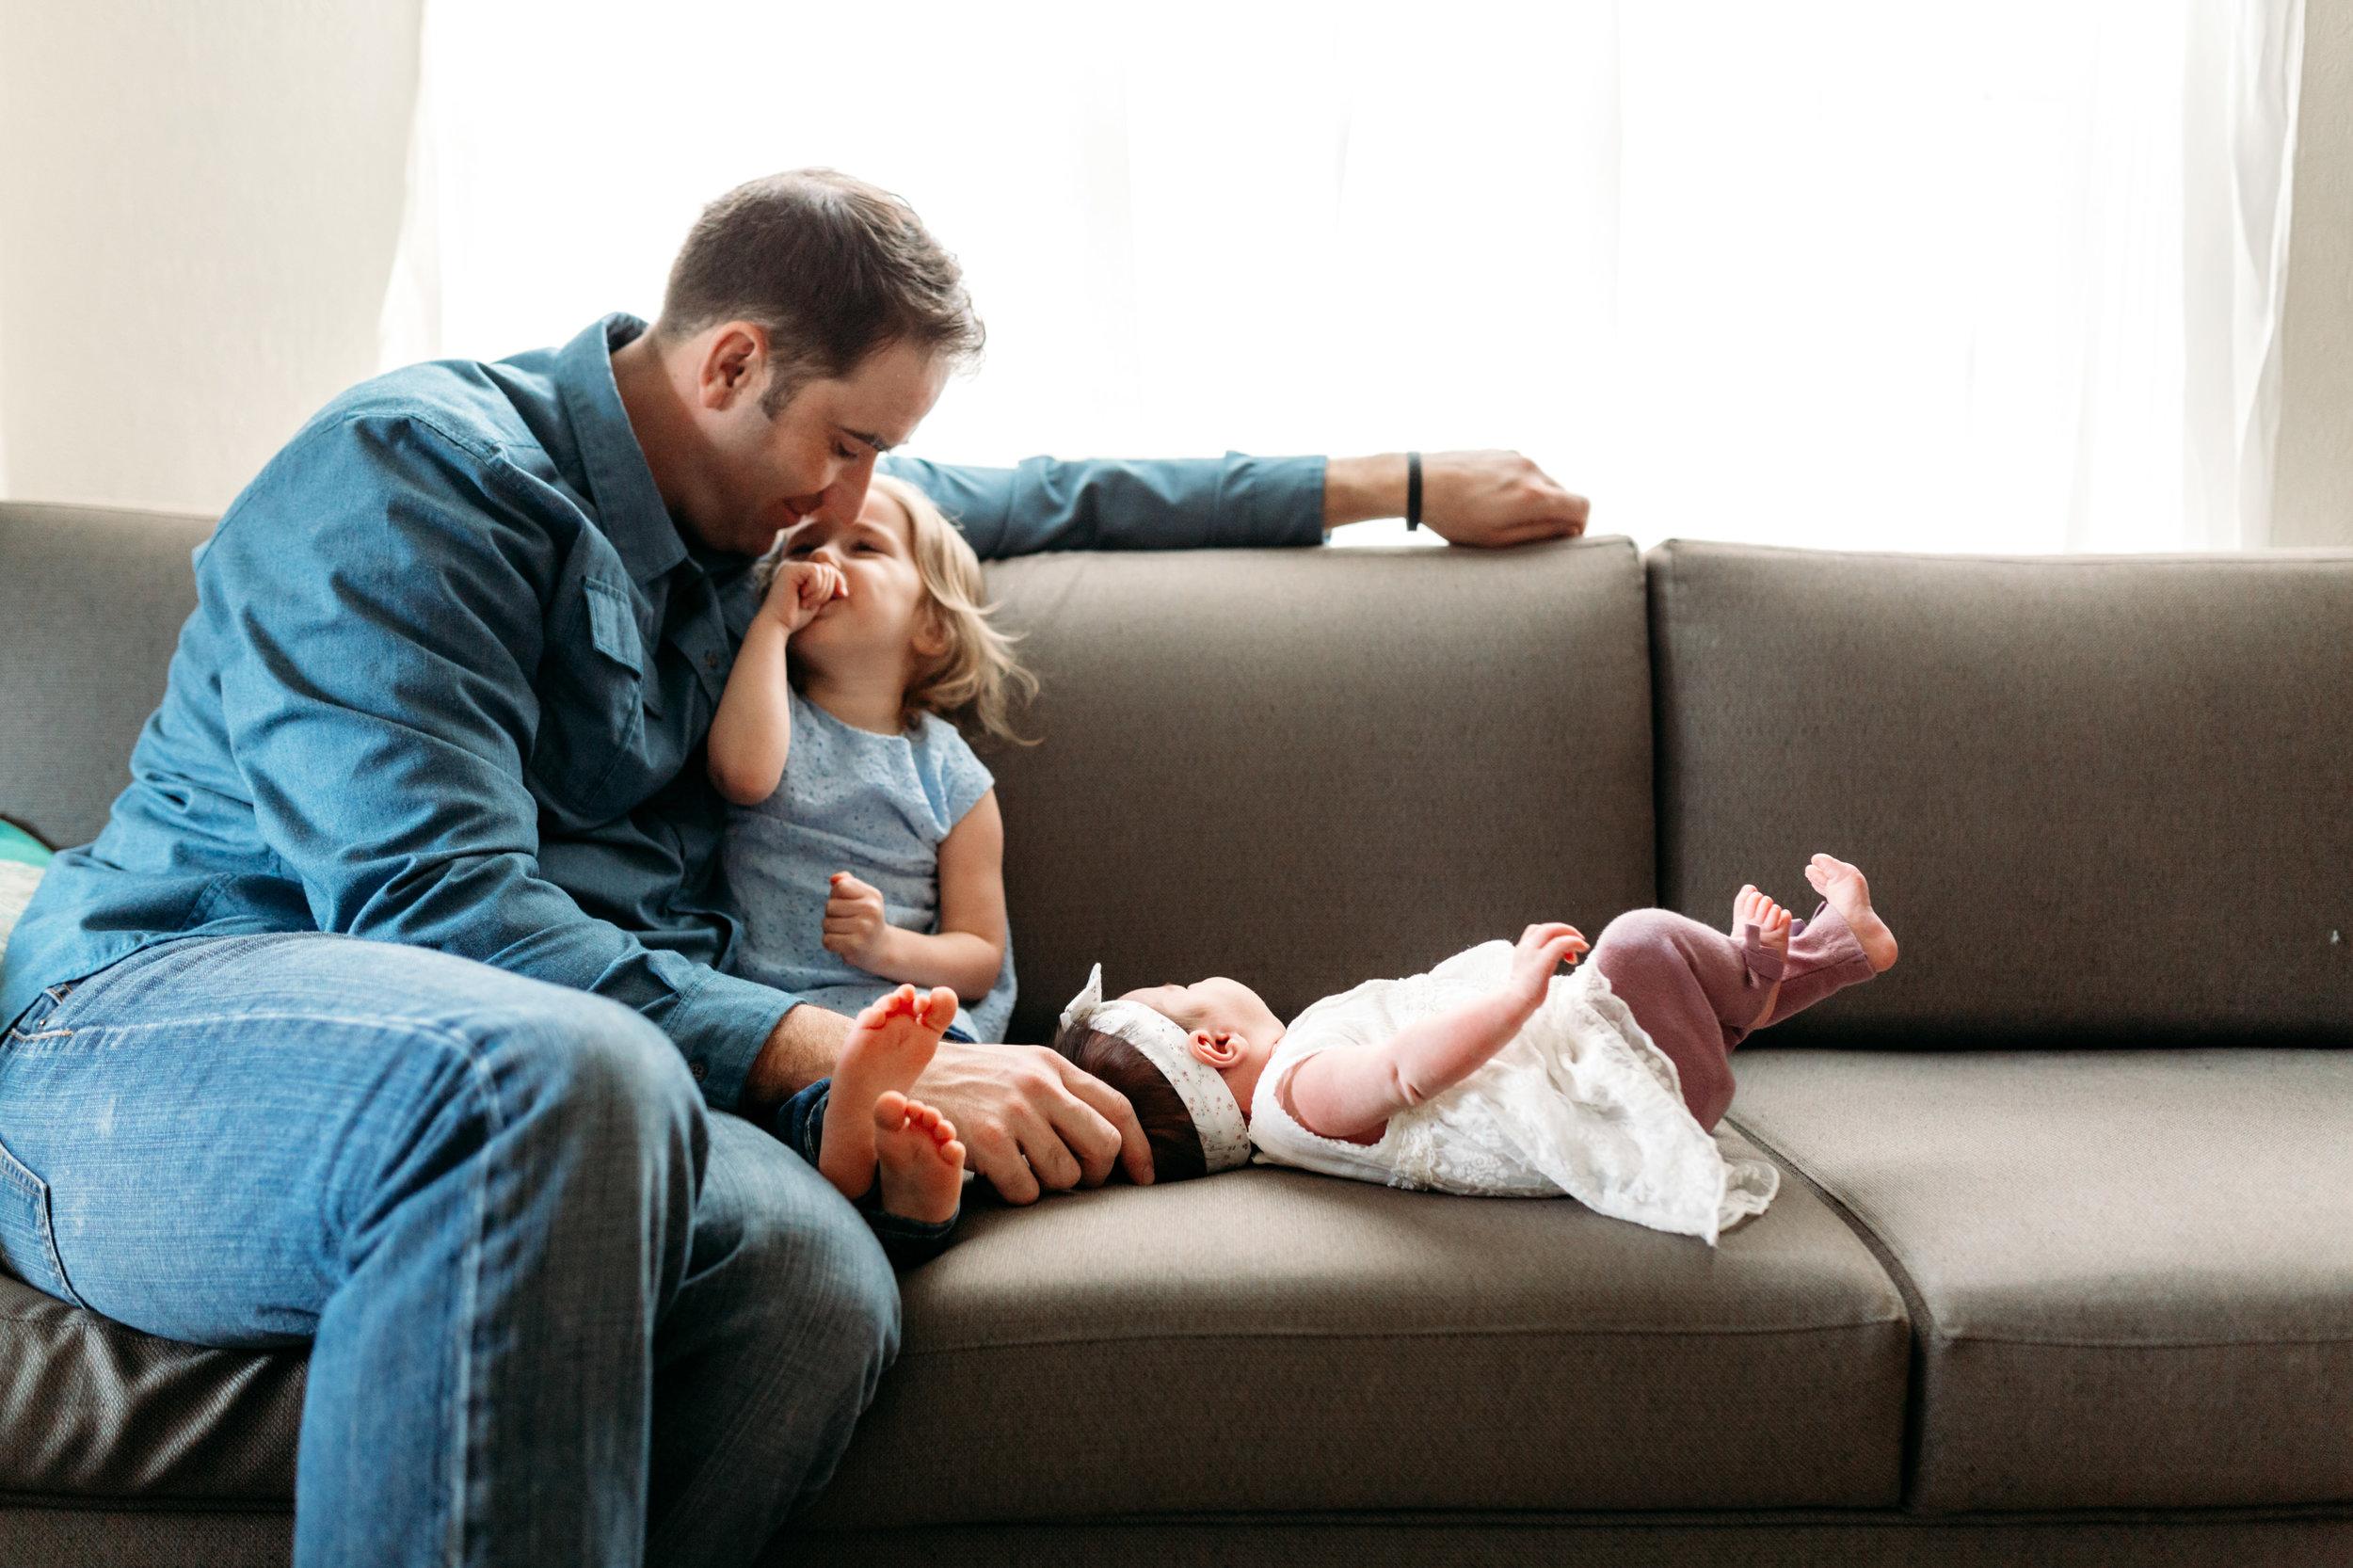 mom-kid-newborn-dad-port-coquitlam-photo